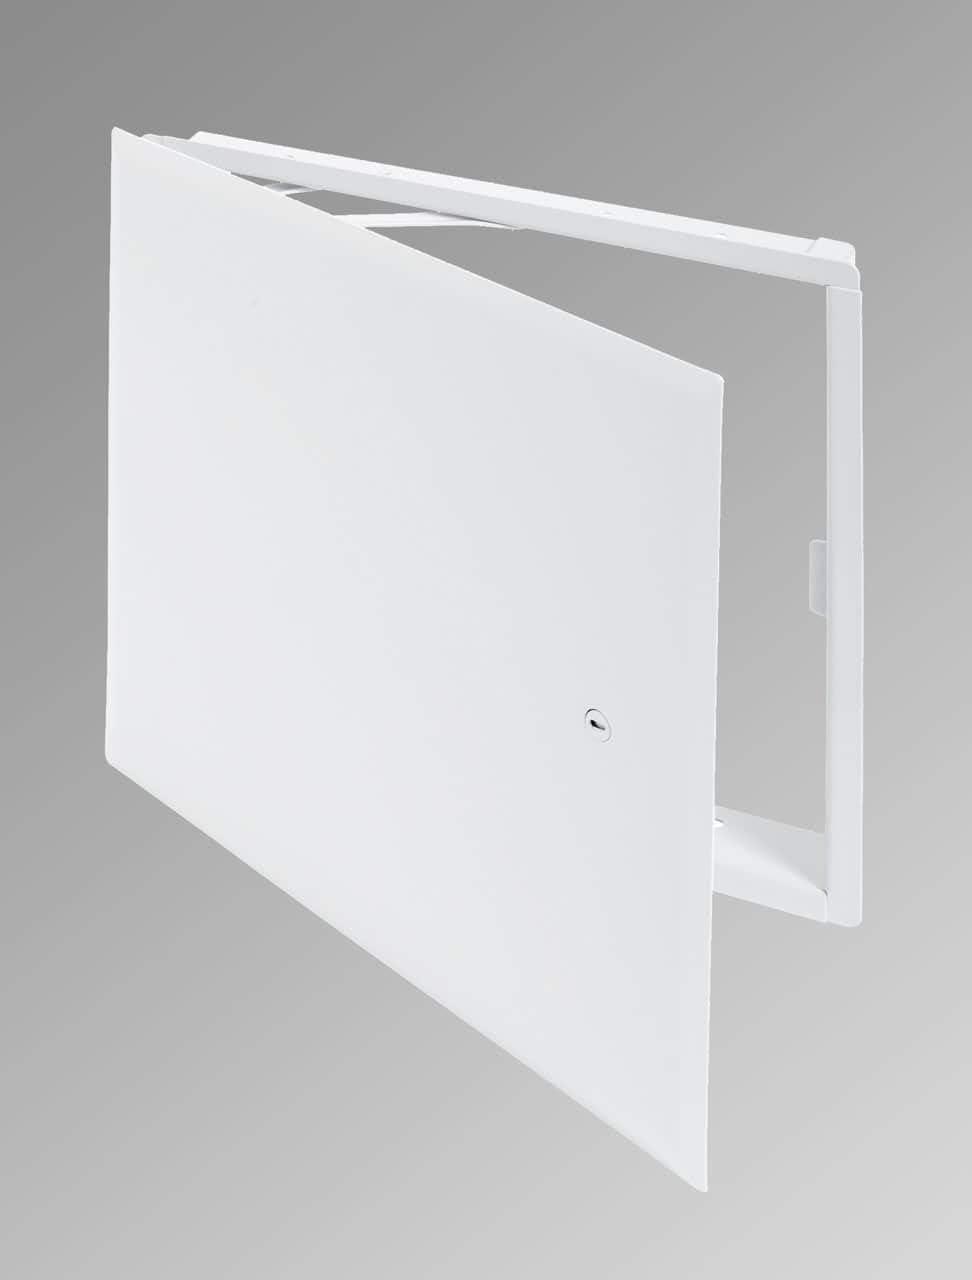 24 x 24 Aesthetic Access Door with Hidden Flange Best